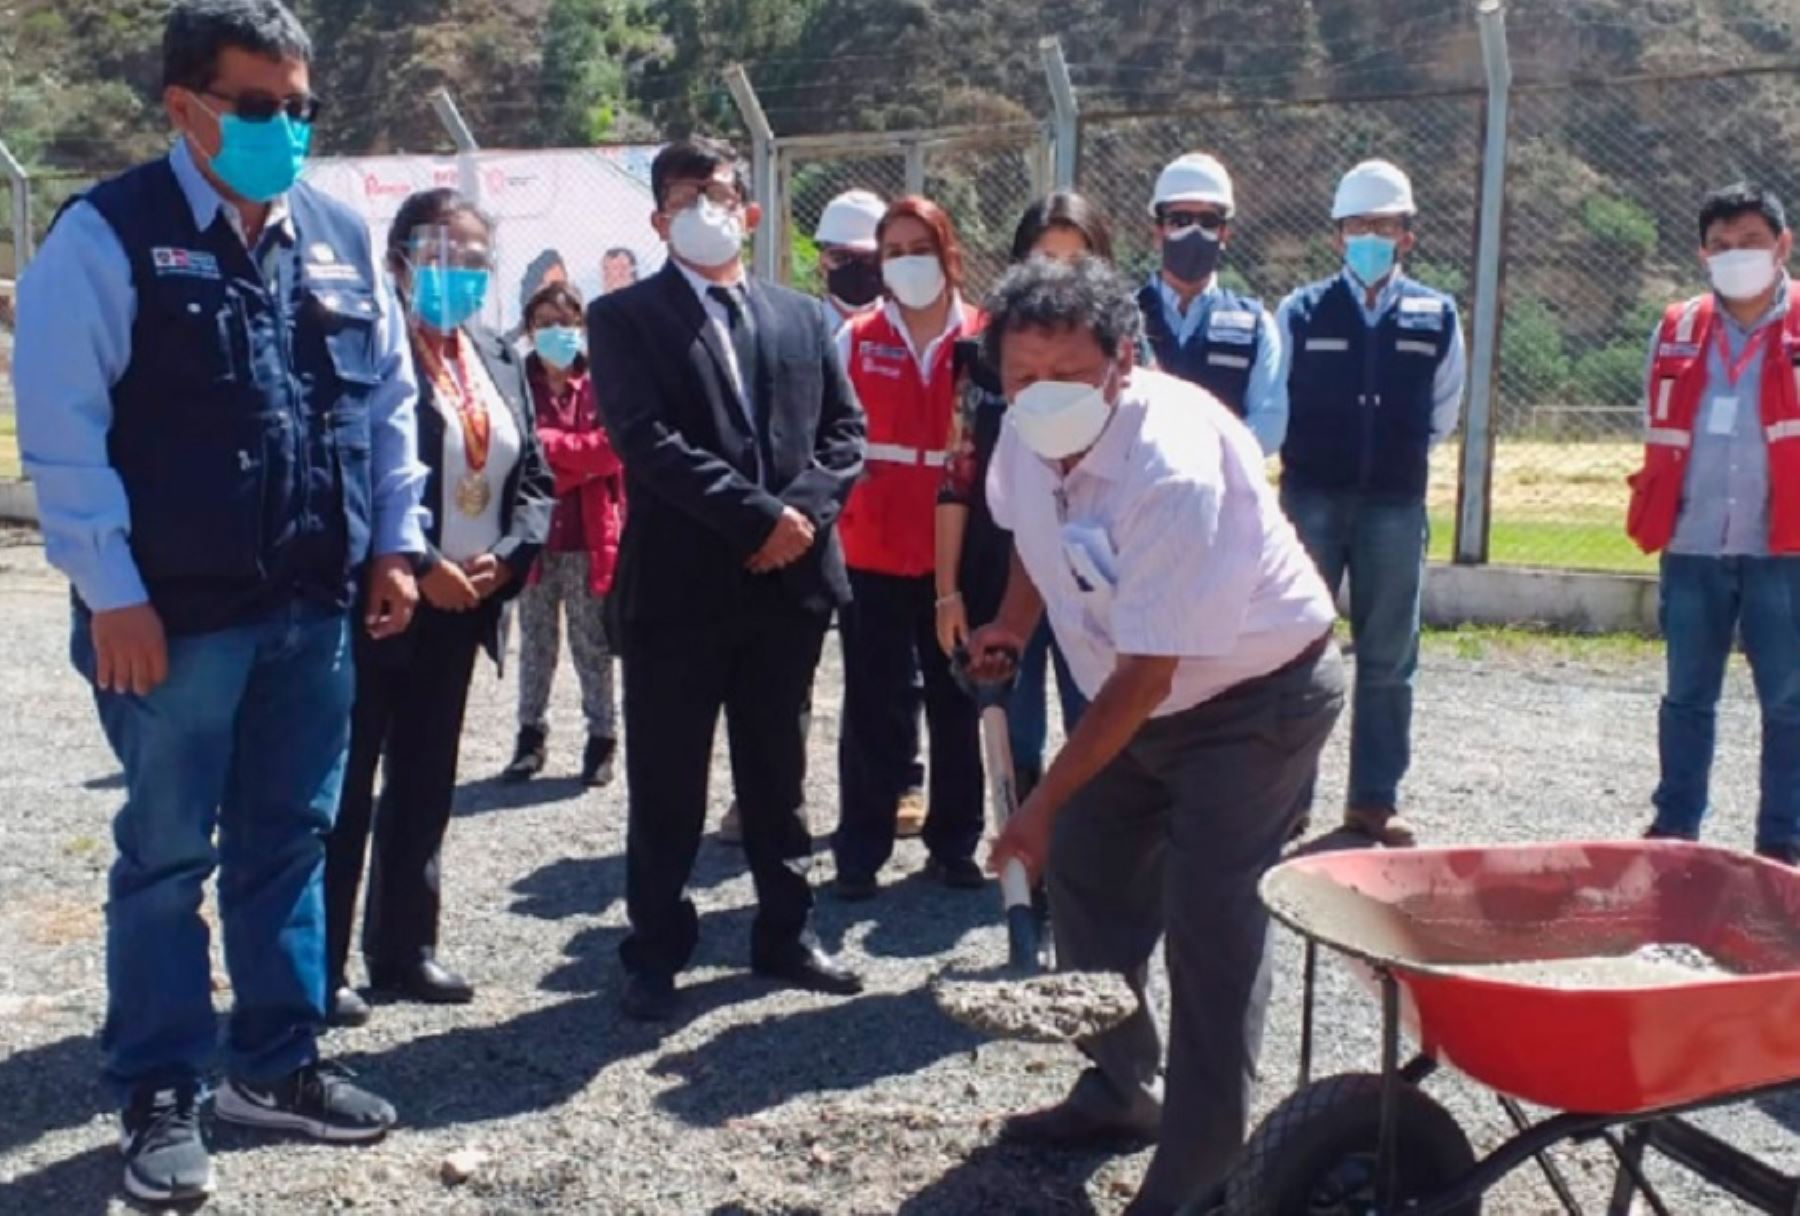 Colocación de la primera piedra para iniciar la construcción del hospital San Juan de Matucana, en la provincia de Huarochirí.